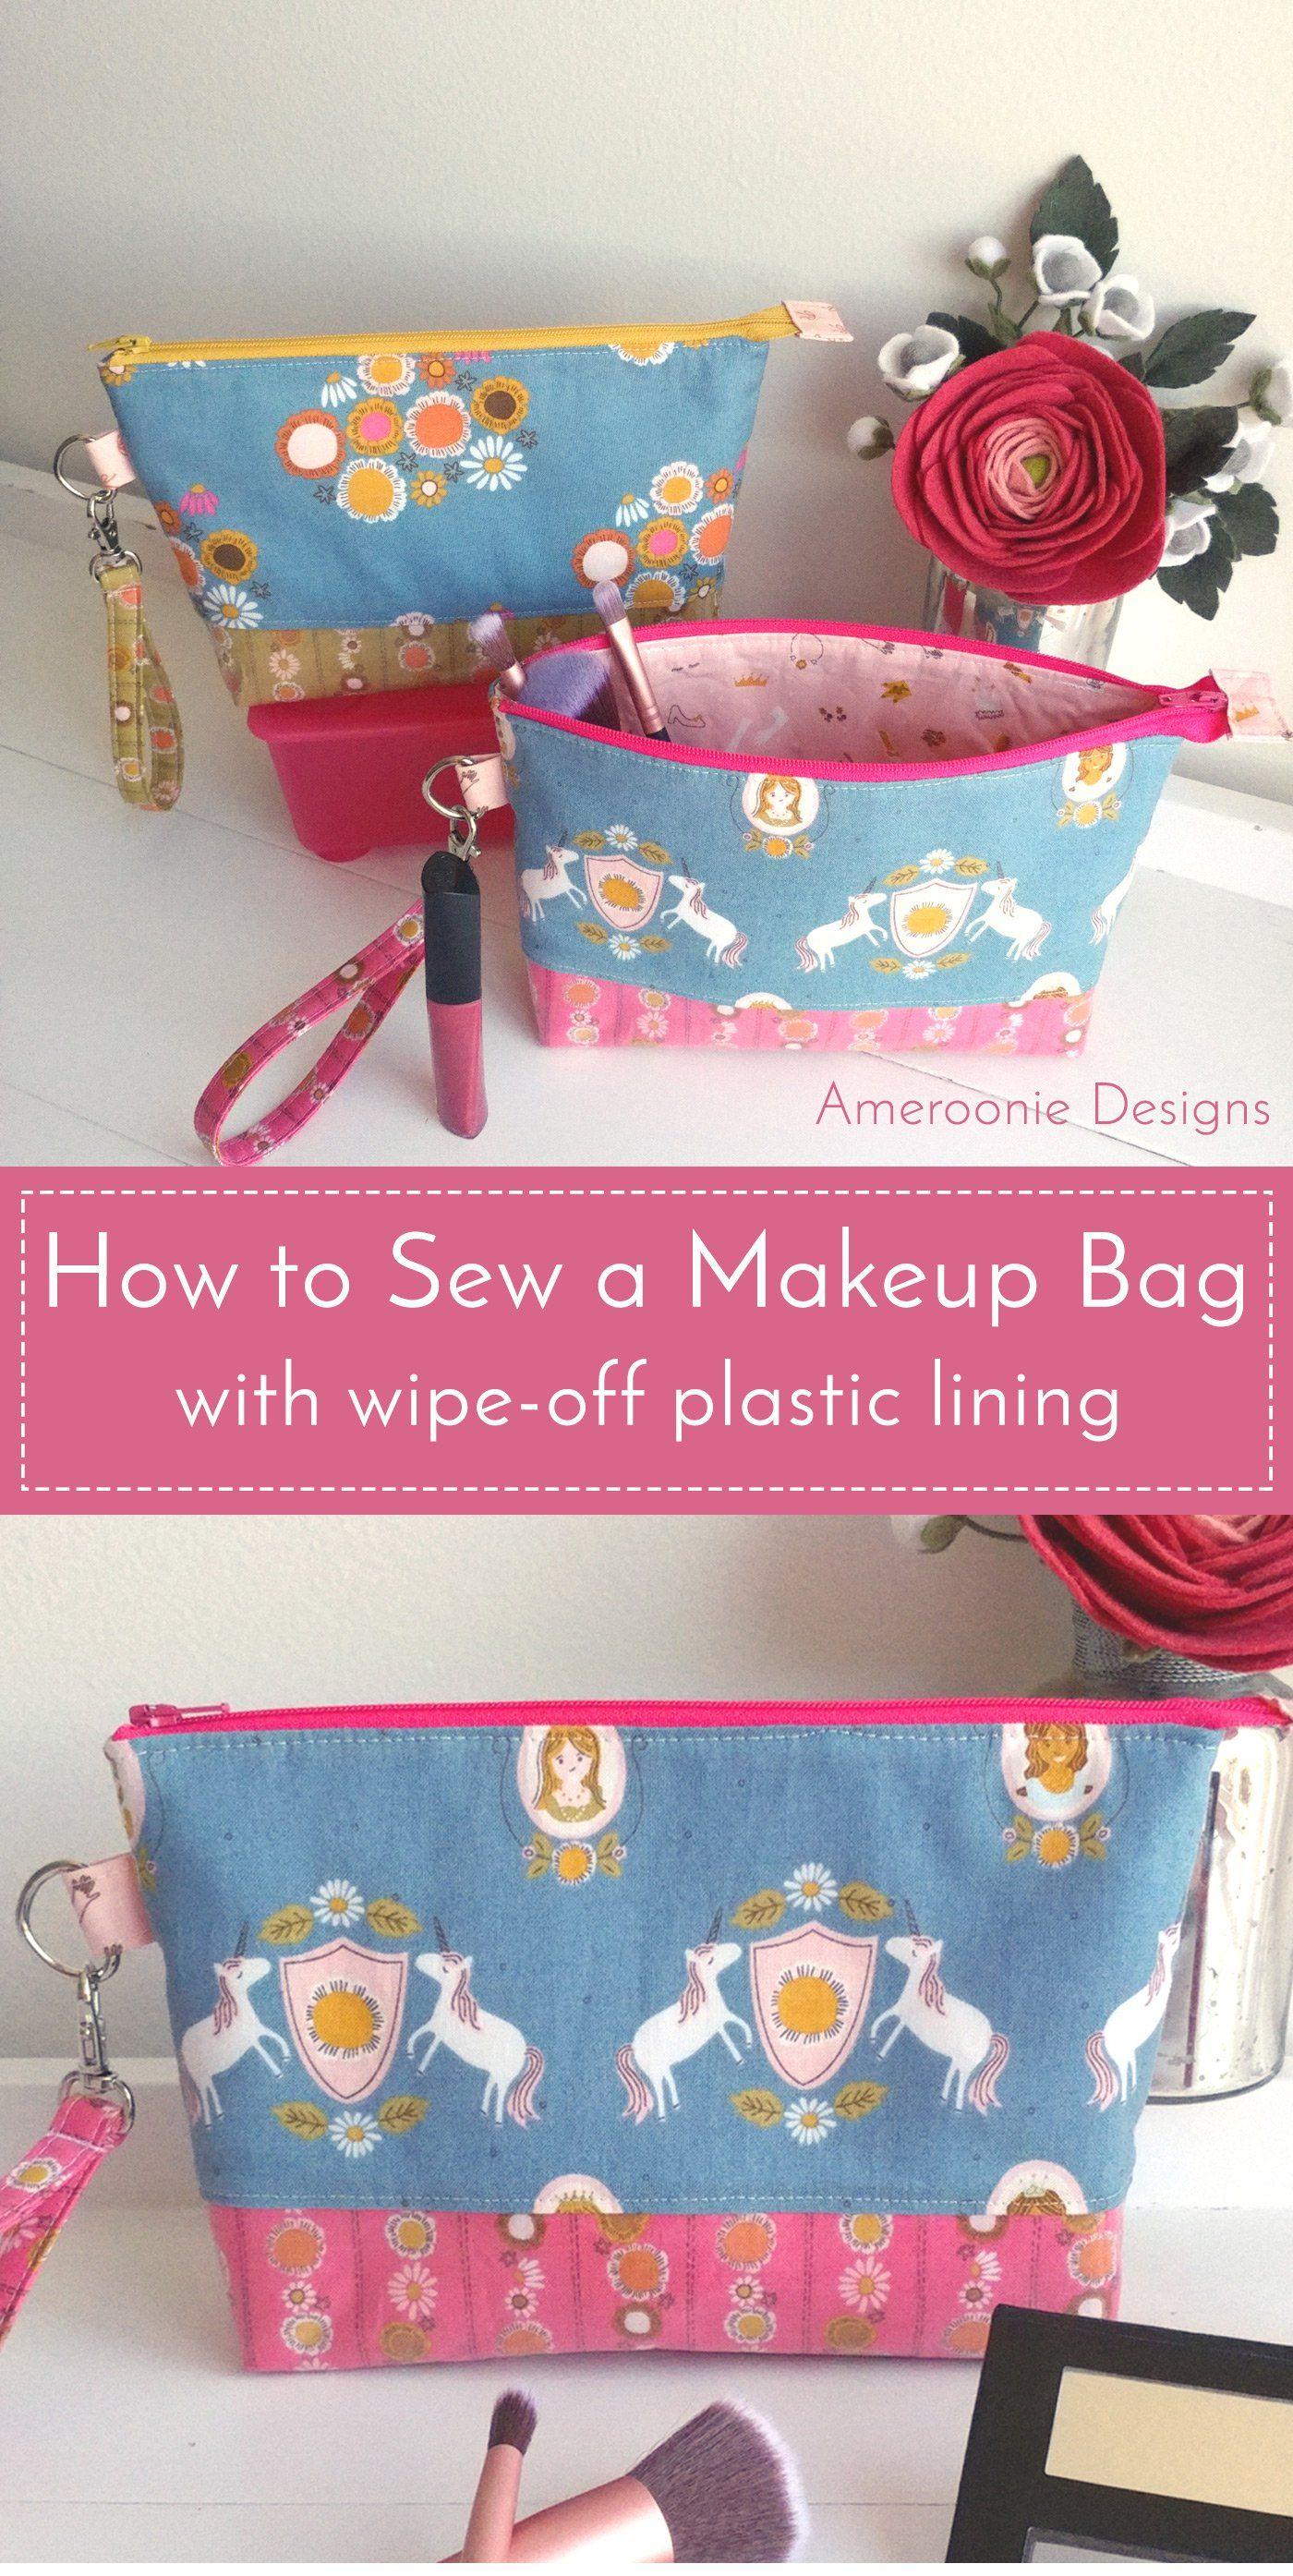 DIY Makeup Bag with Vinyl Lining Diy makeup bag, Diy